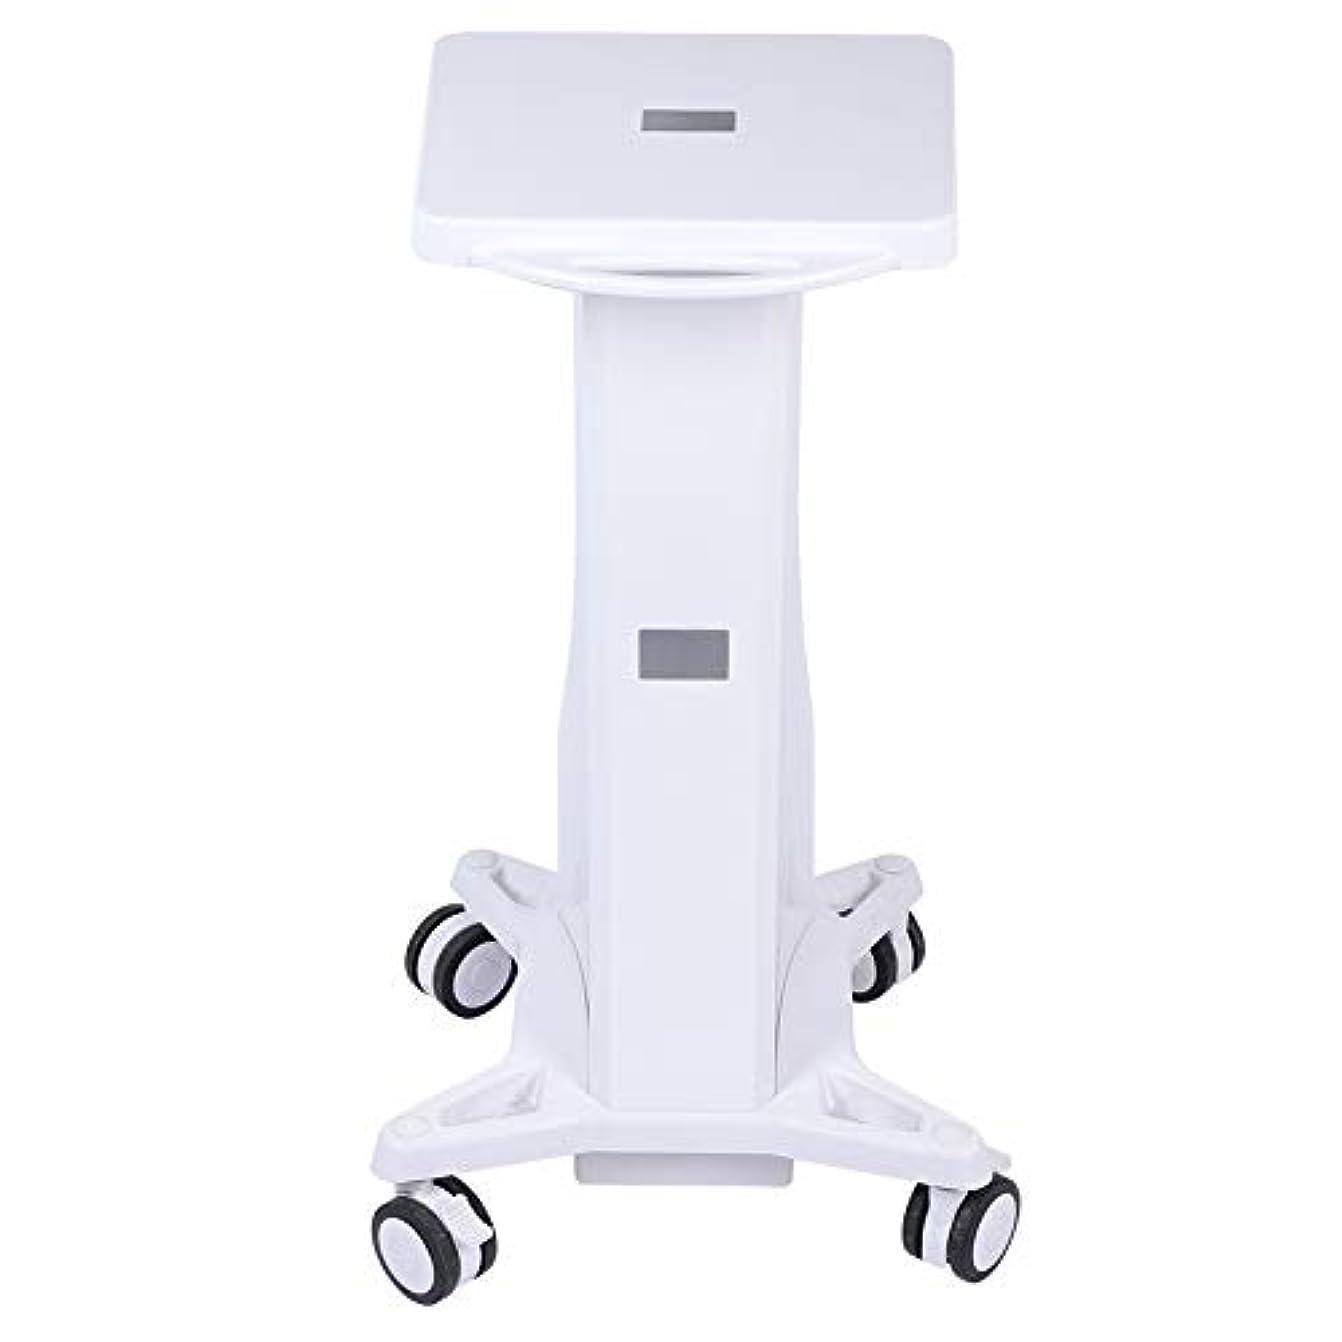 ウサギボット床大広間の器械の皿のトロリー、安定した台の圧延のカートの車輪の立場のトロリー貯蔵のカートの美容院の美機械ホールダー